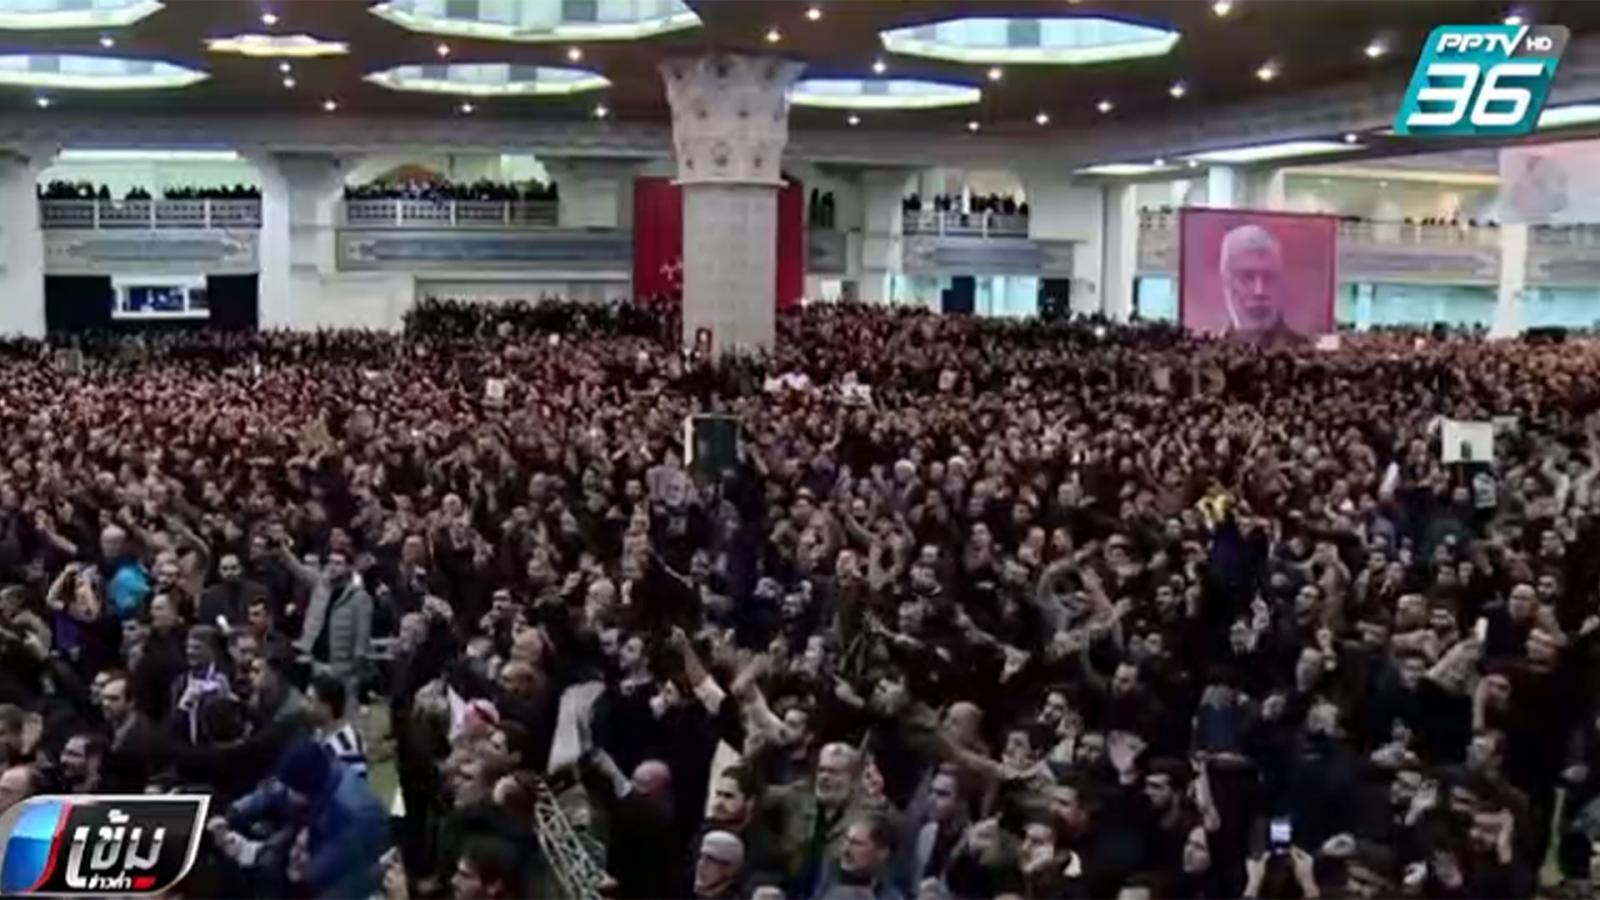 รัฐบาลไทย เรียกร้องทุกฝ่ายอดกลั้น เลี่ยงยั่วยุ ลดตึงเครียดสหรัฐฯ-อิหร่าน